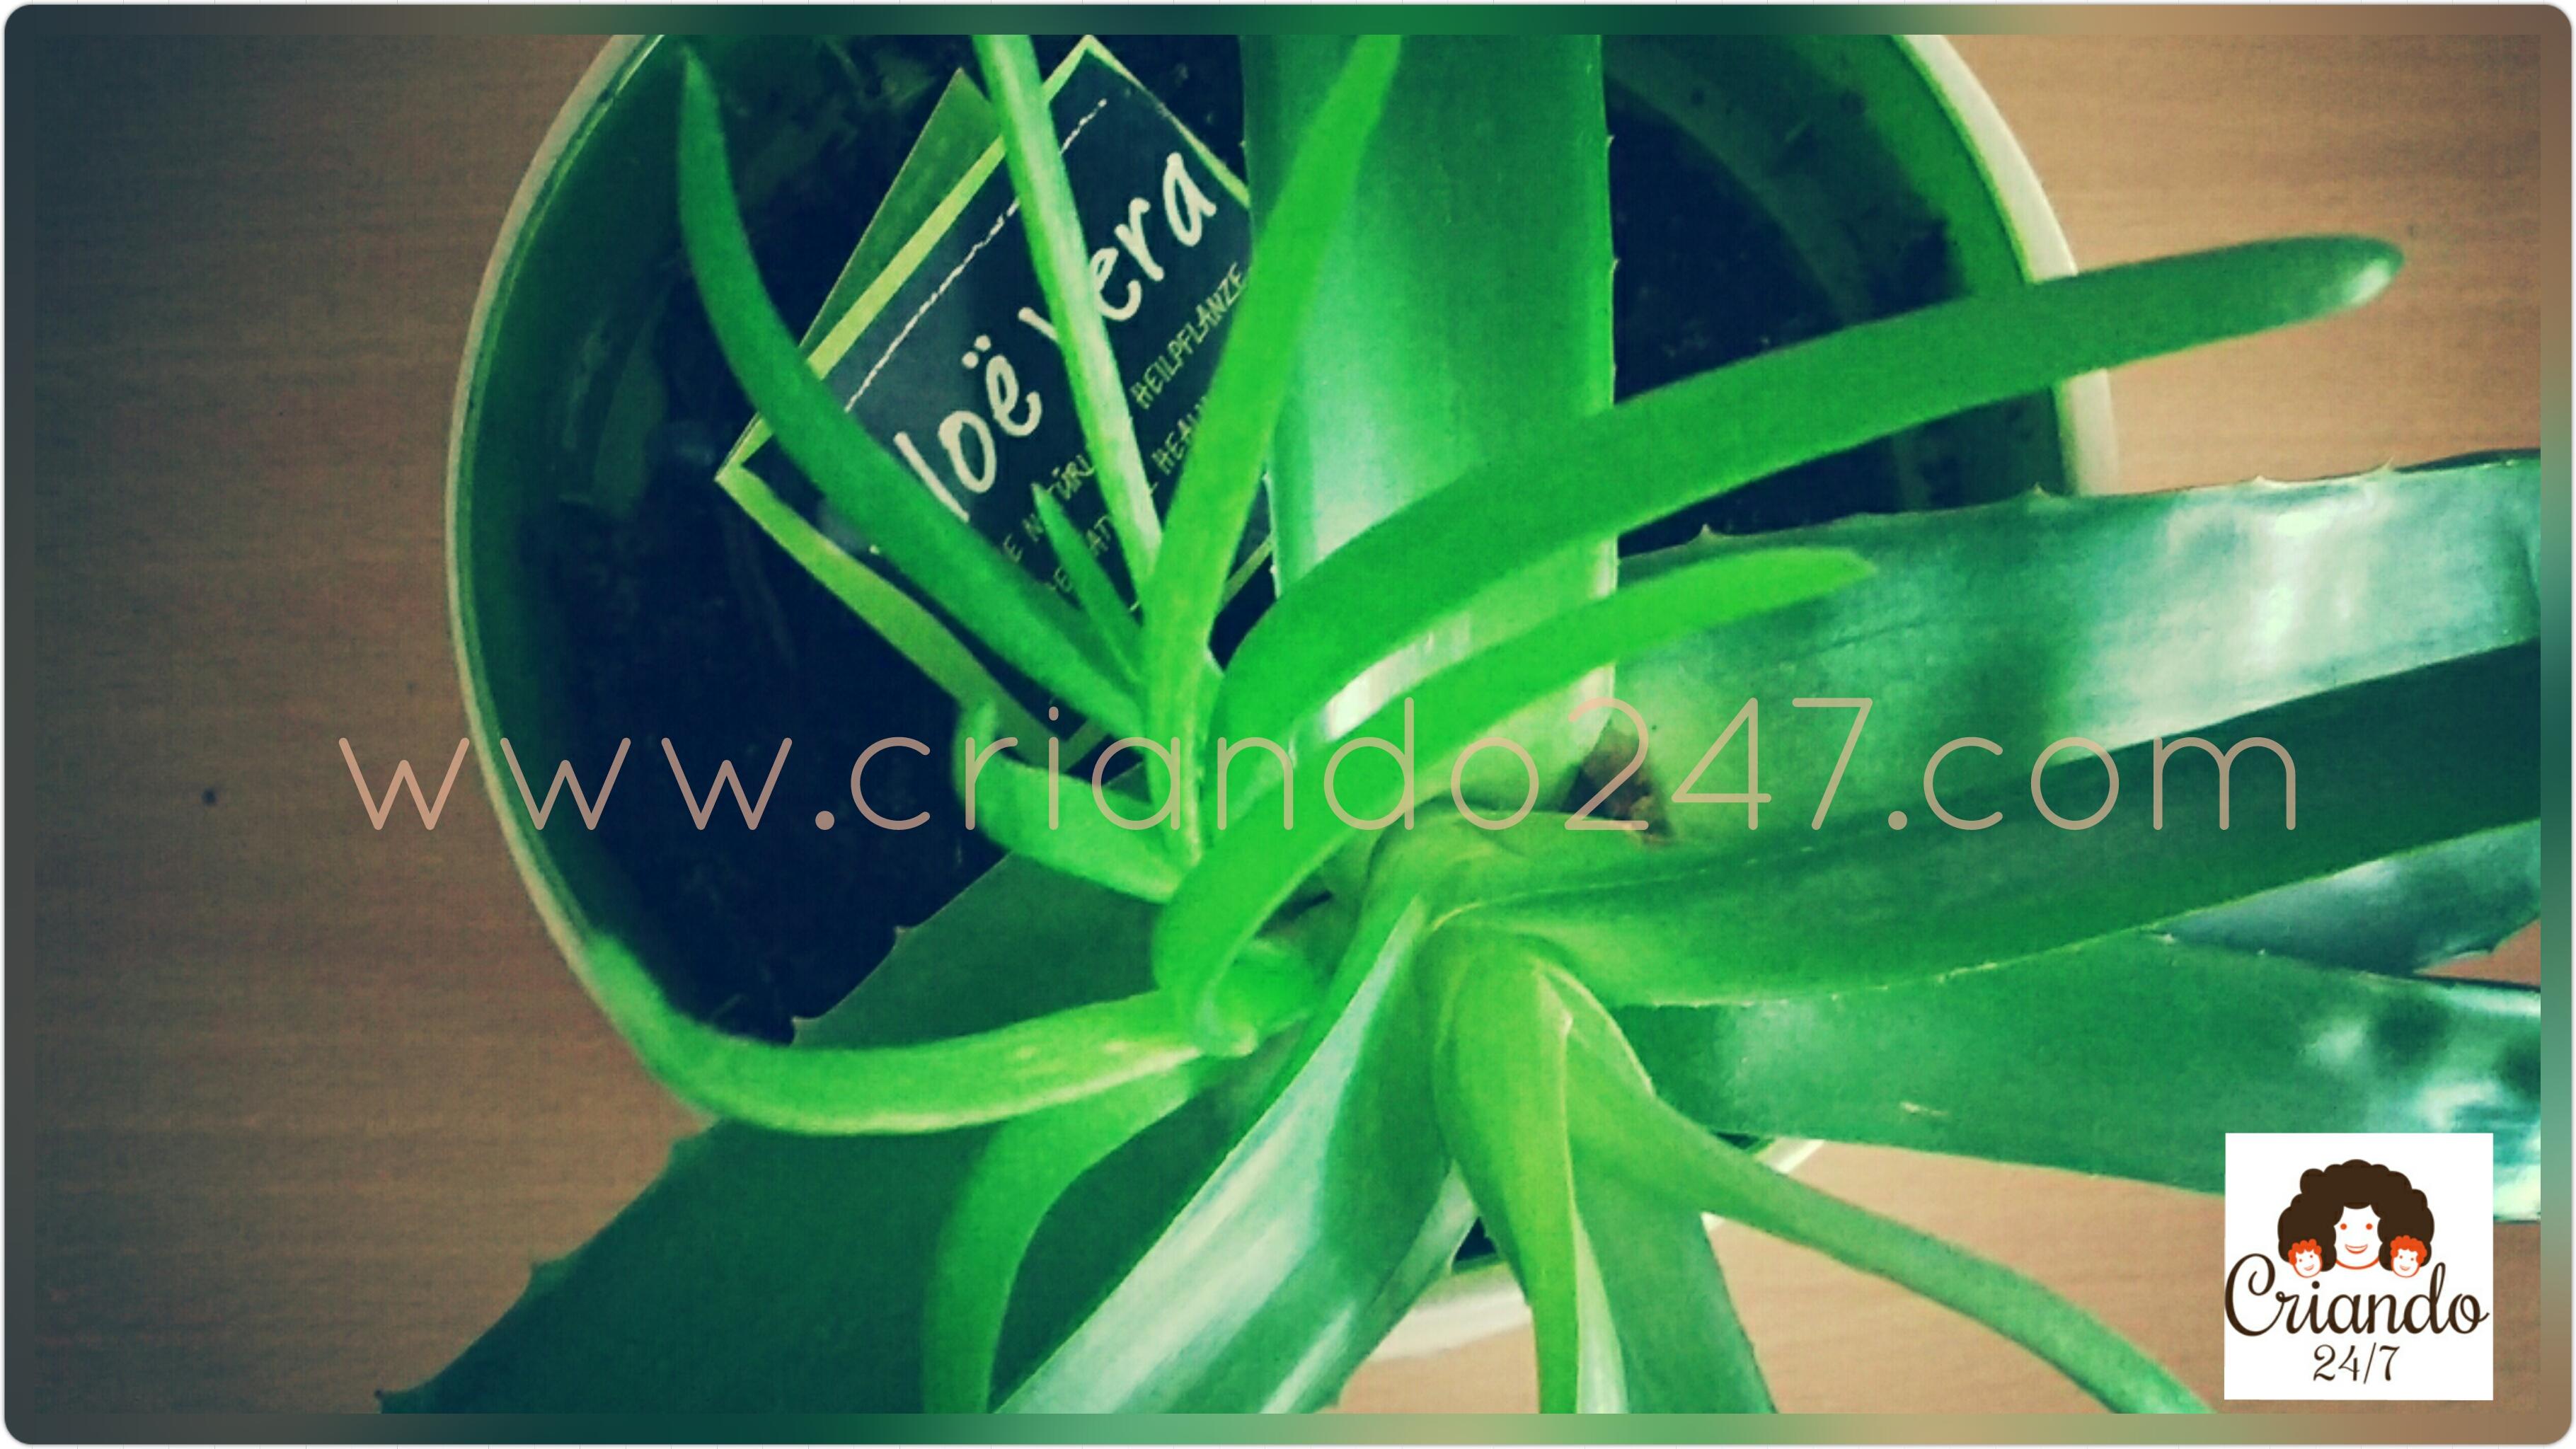 Criando247 Aloe Vera2